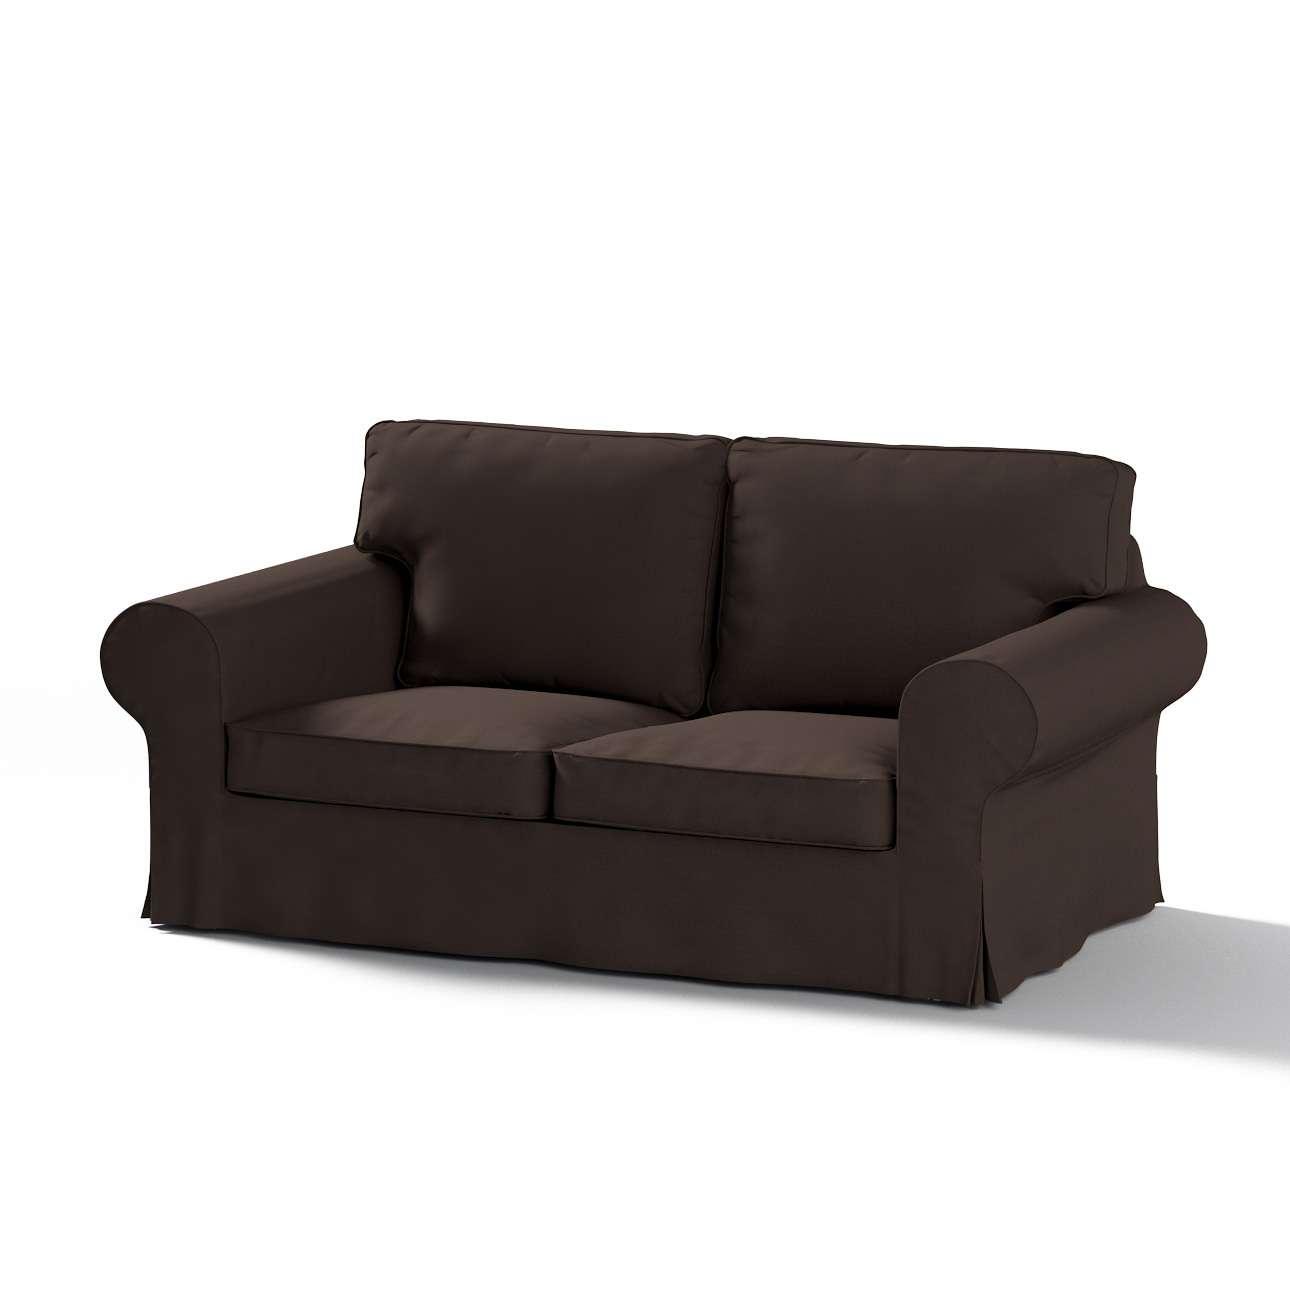 Pokrowiec na sofę Ektorp 2-osobową rozkładaną, model po 2012 w kolekcji Cotton Panama, tkanina: 702-03